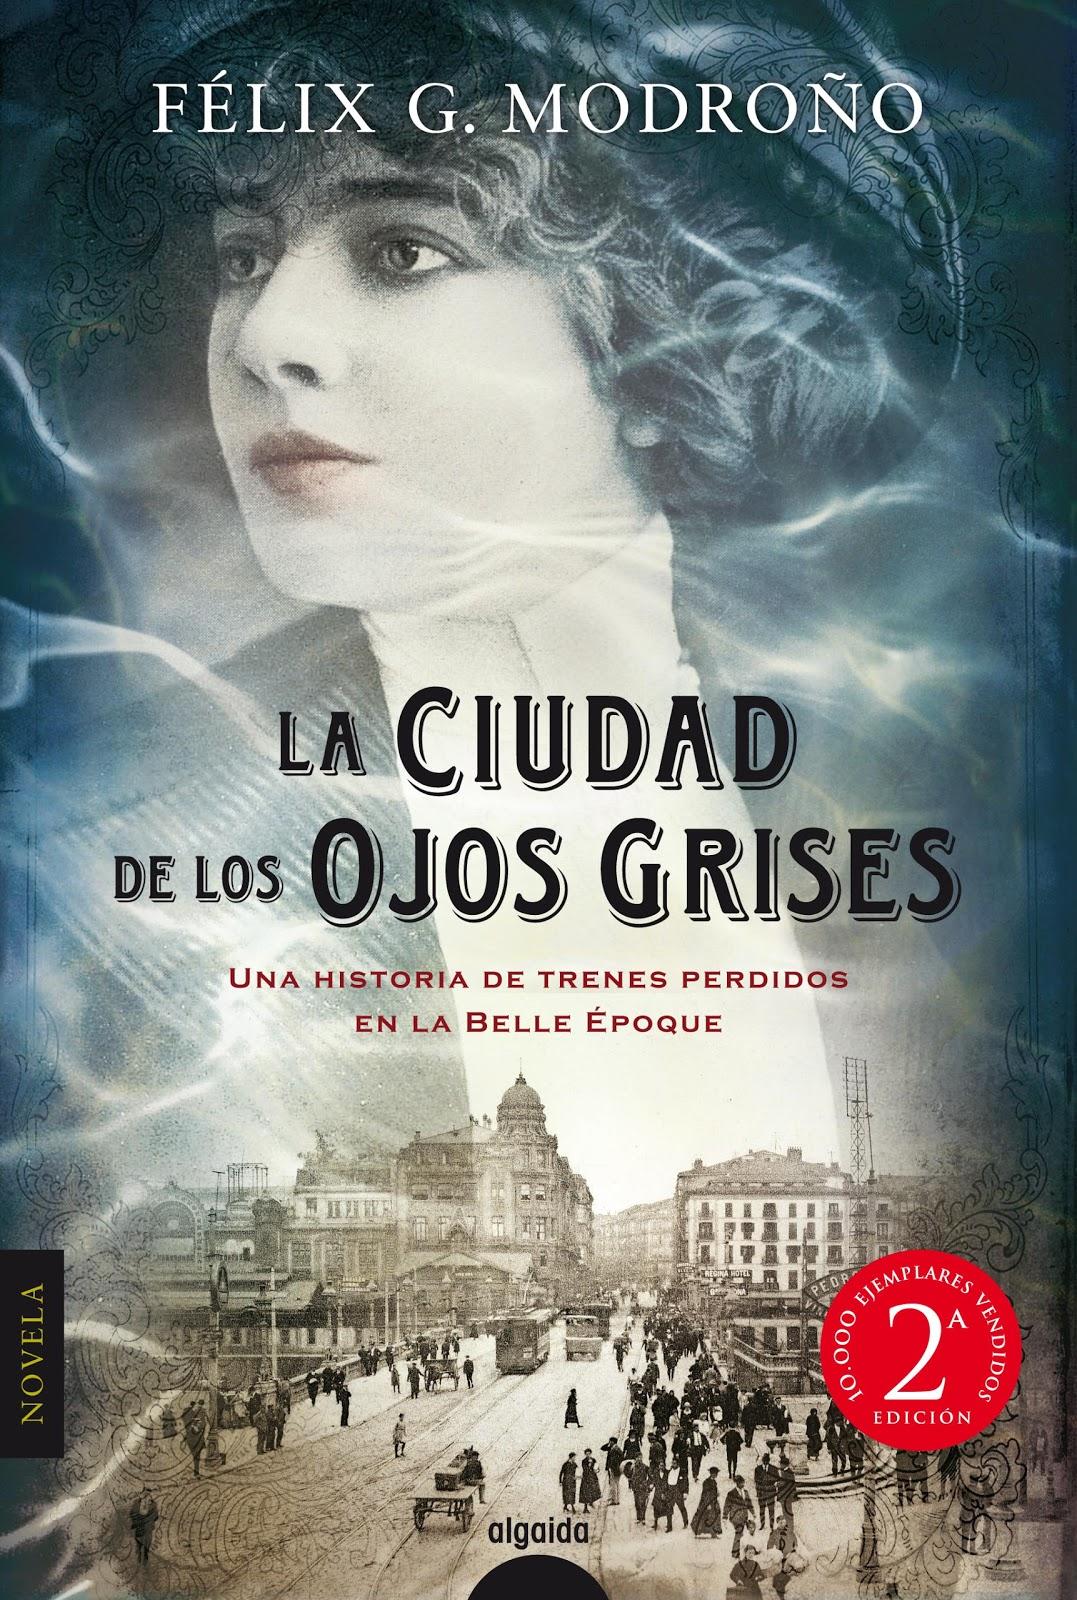 """La ciudad de los ojos grises. Félix G. Modroño. """""""